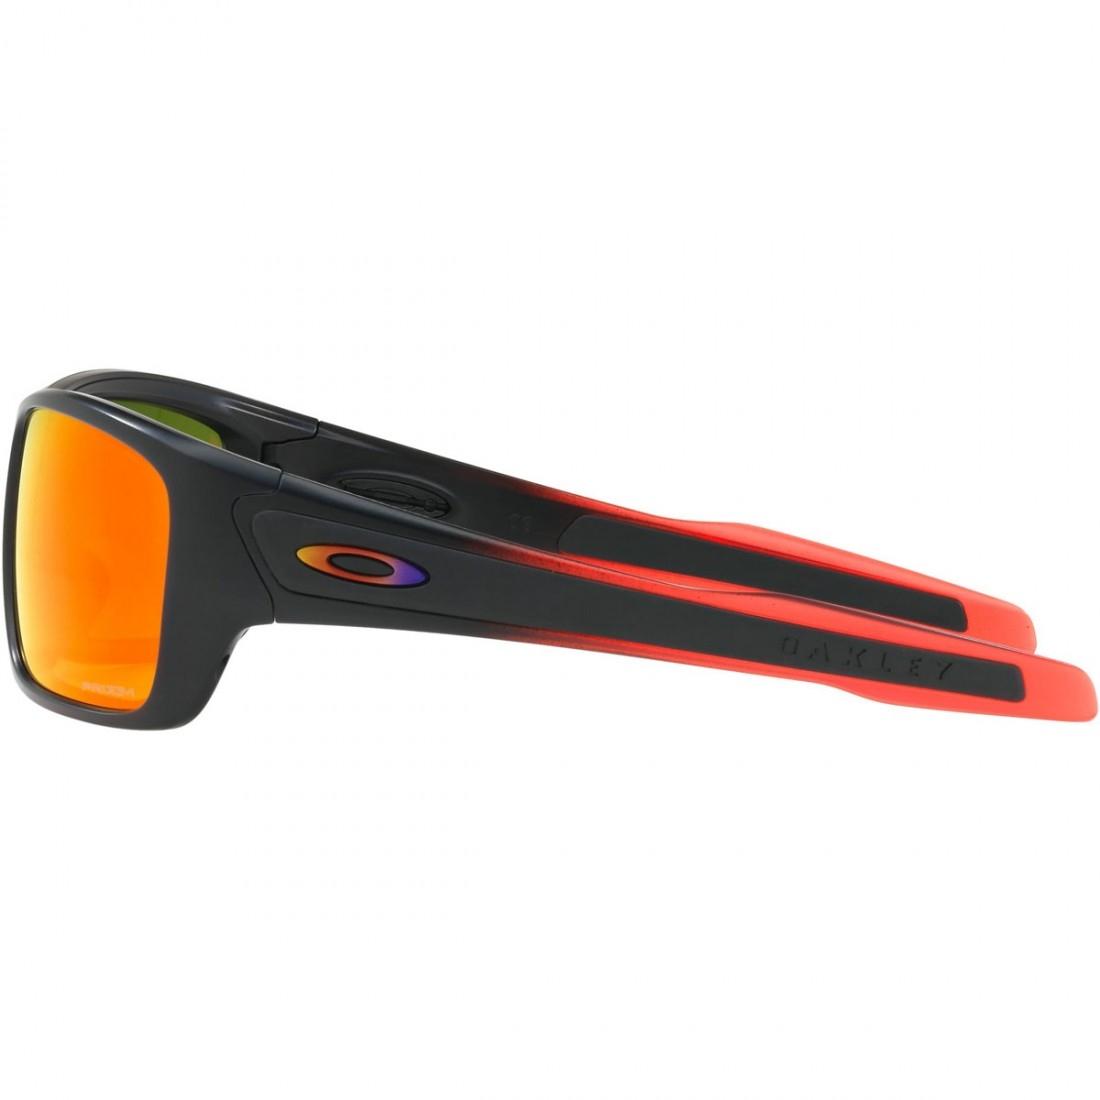 b25ef47ad Óculos de sol OAKLEY Turbine Ruby Fade Collection Ruby Fade / Prizm Ruby